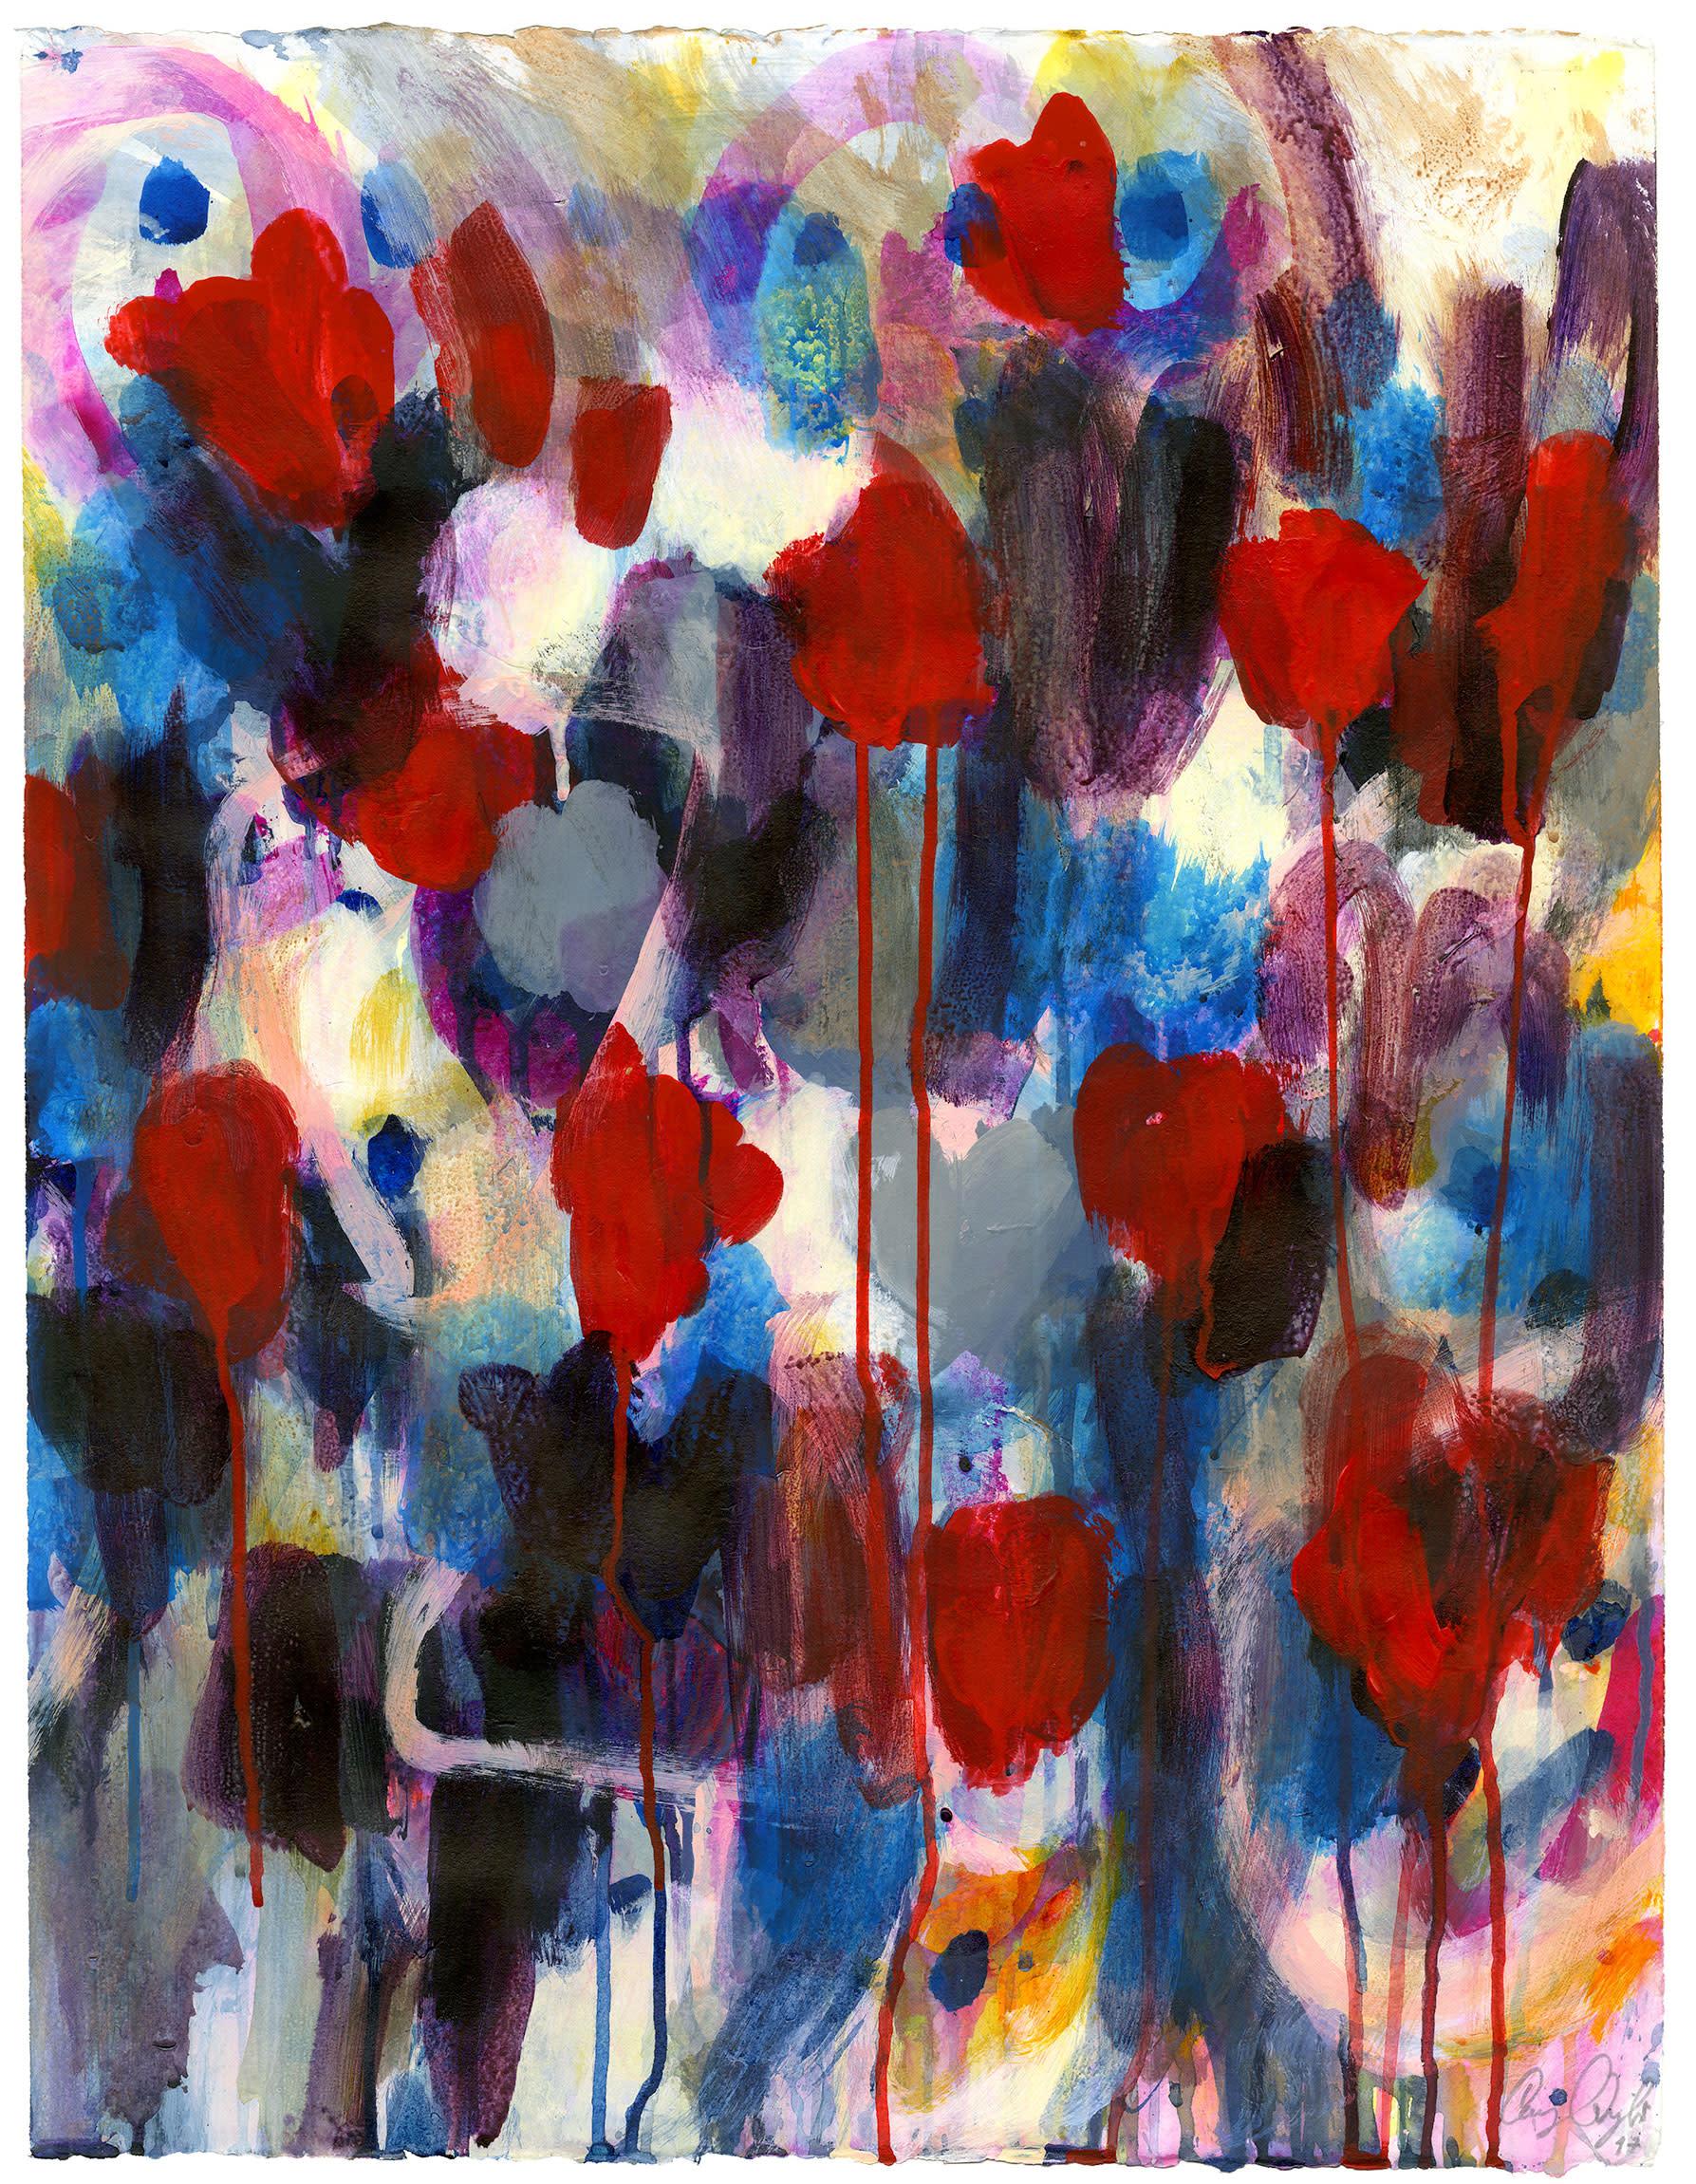 Broken valentines rj9gdx